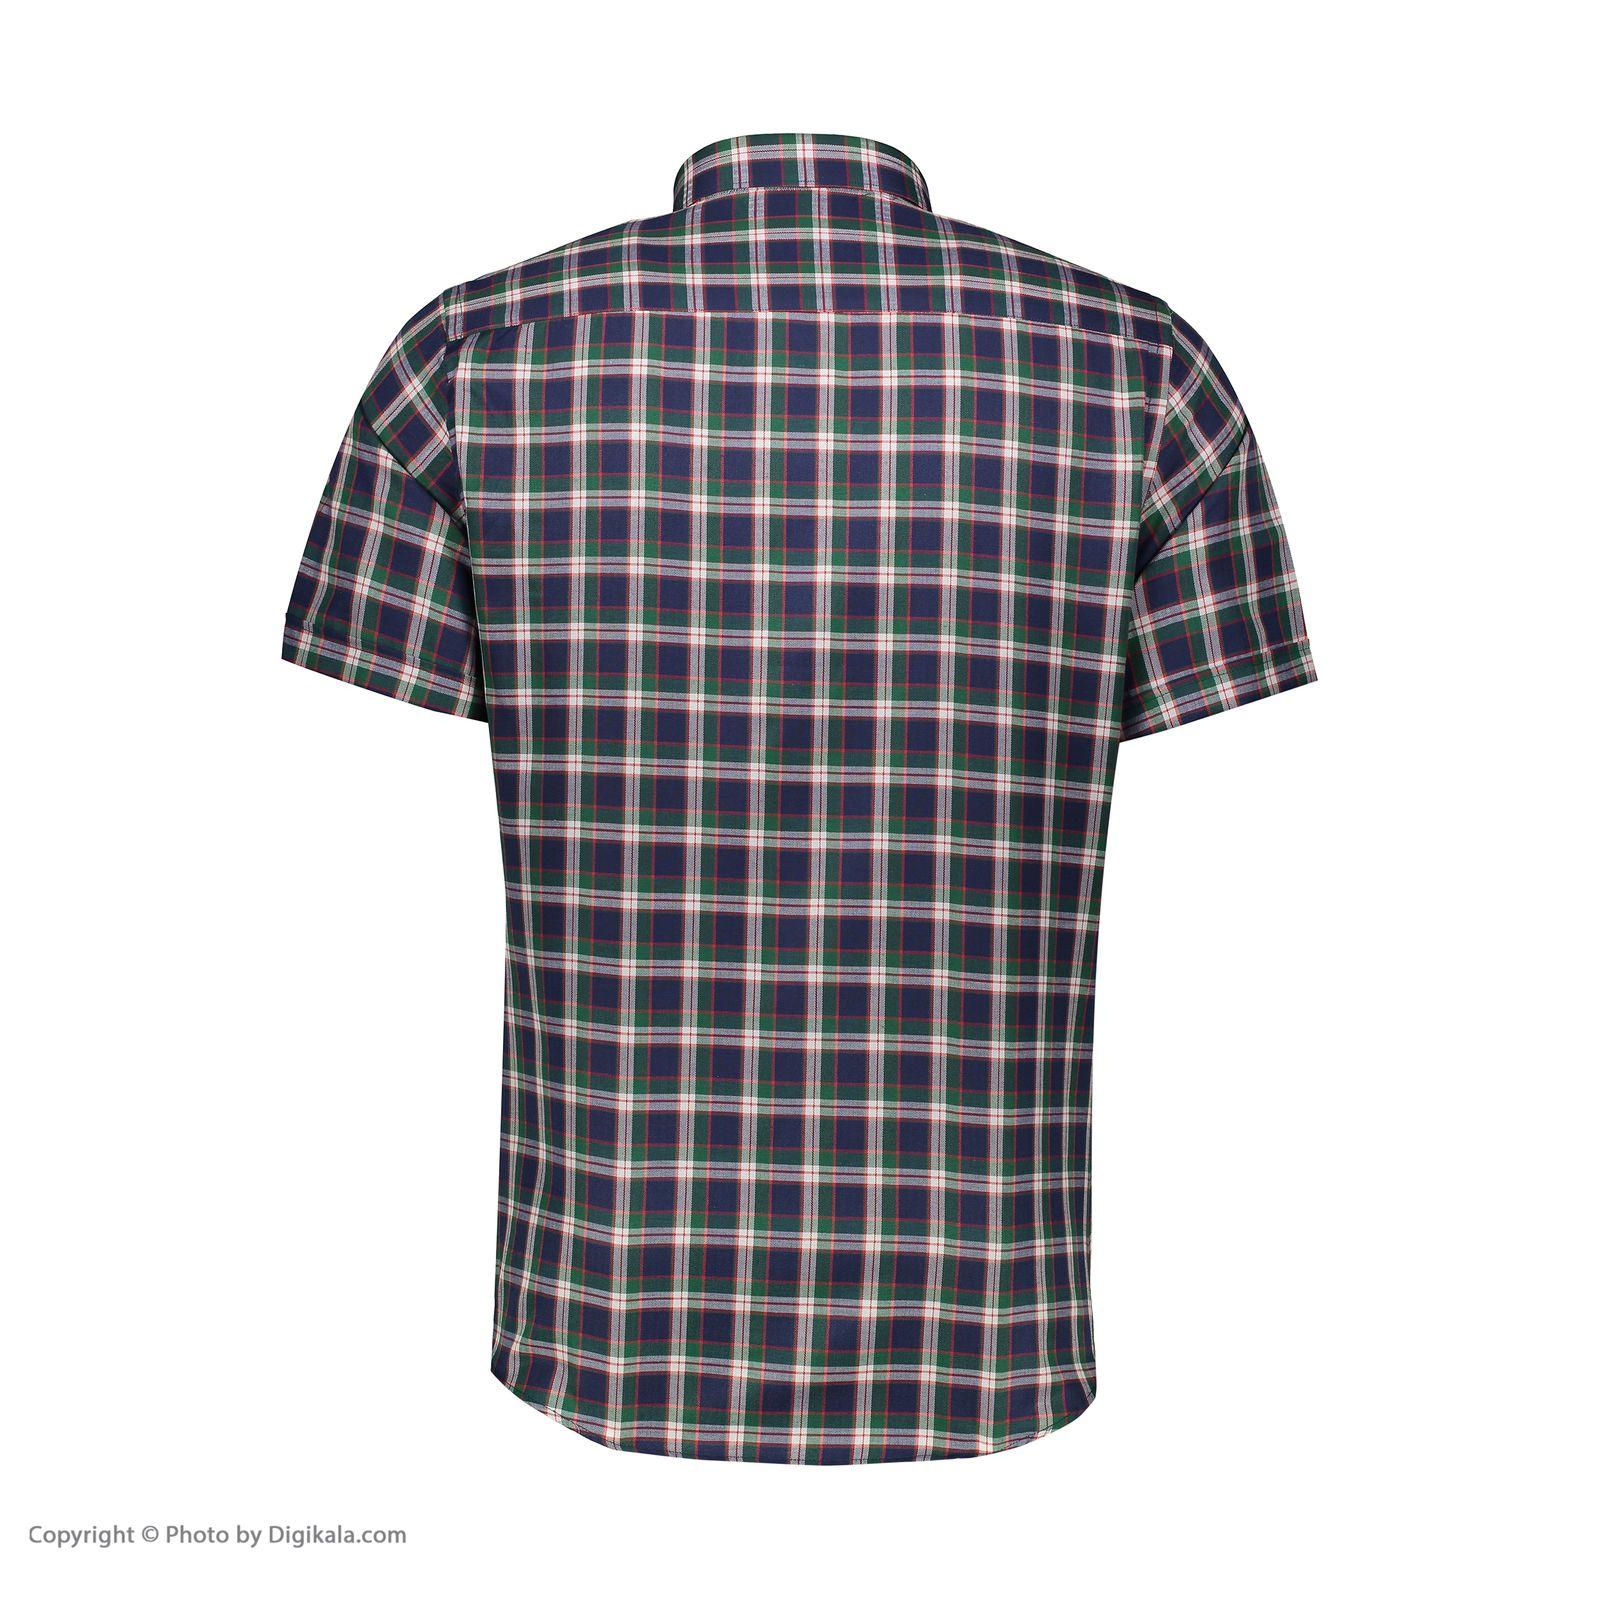 پیراهن مردانه زی مدل 1531228MC -  - 10